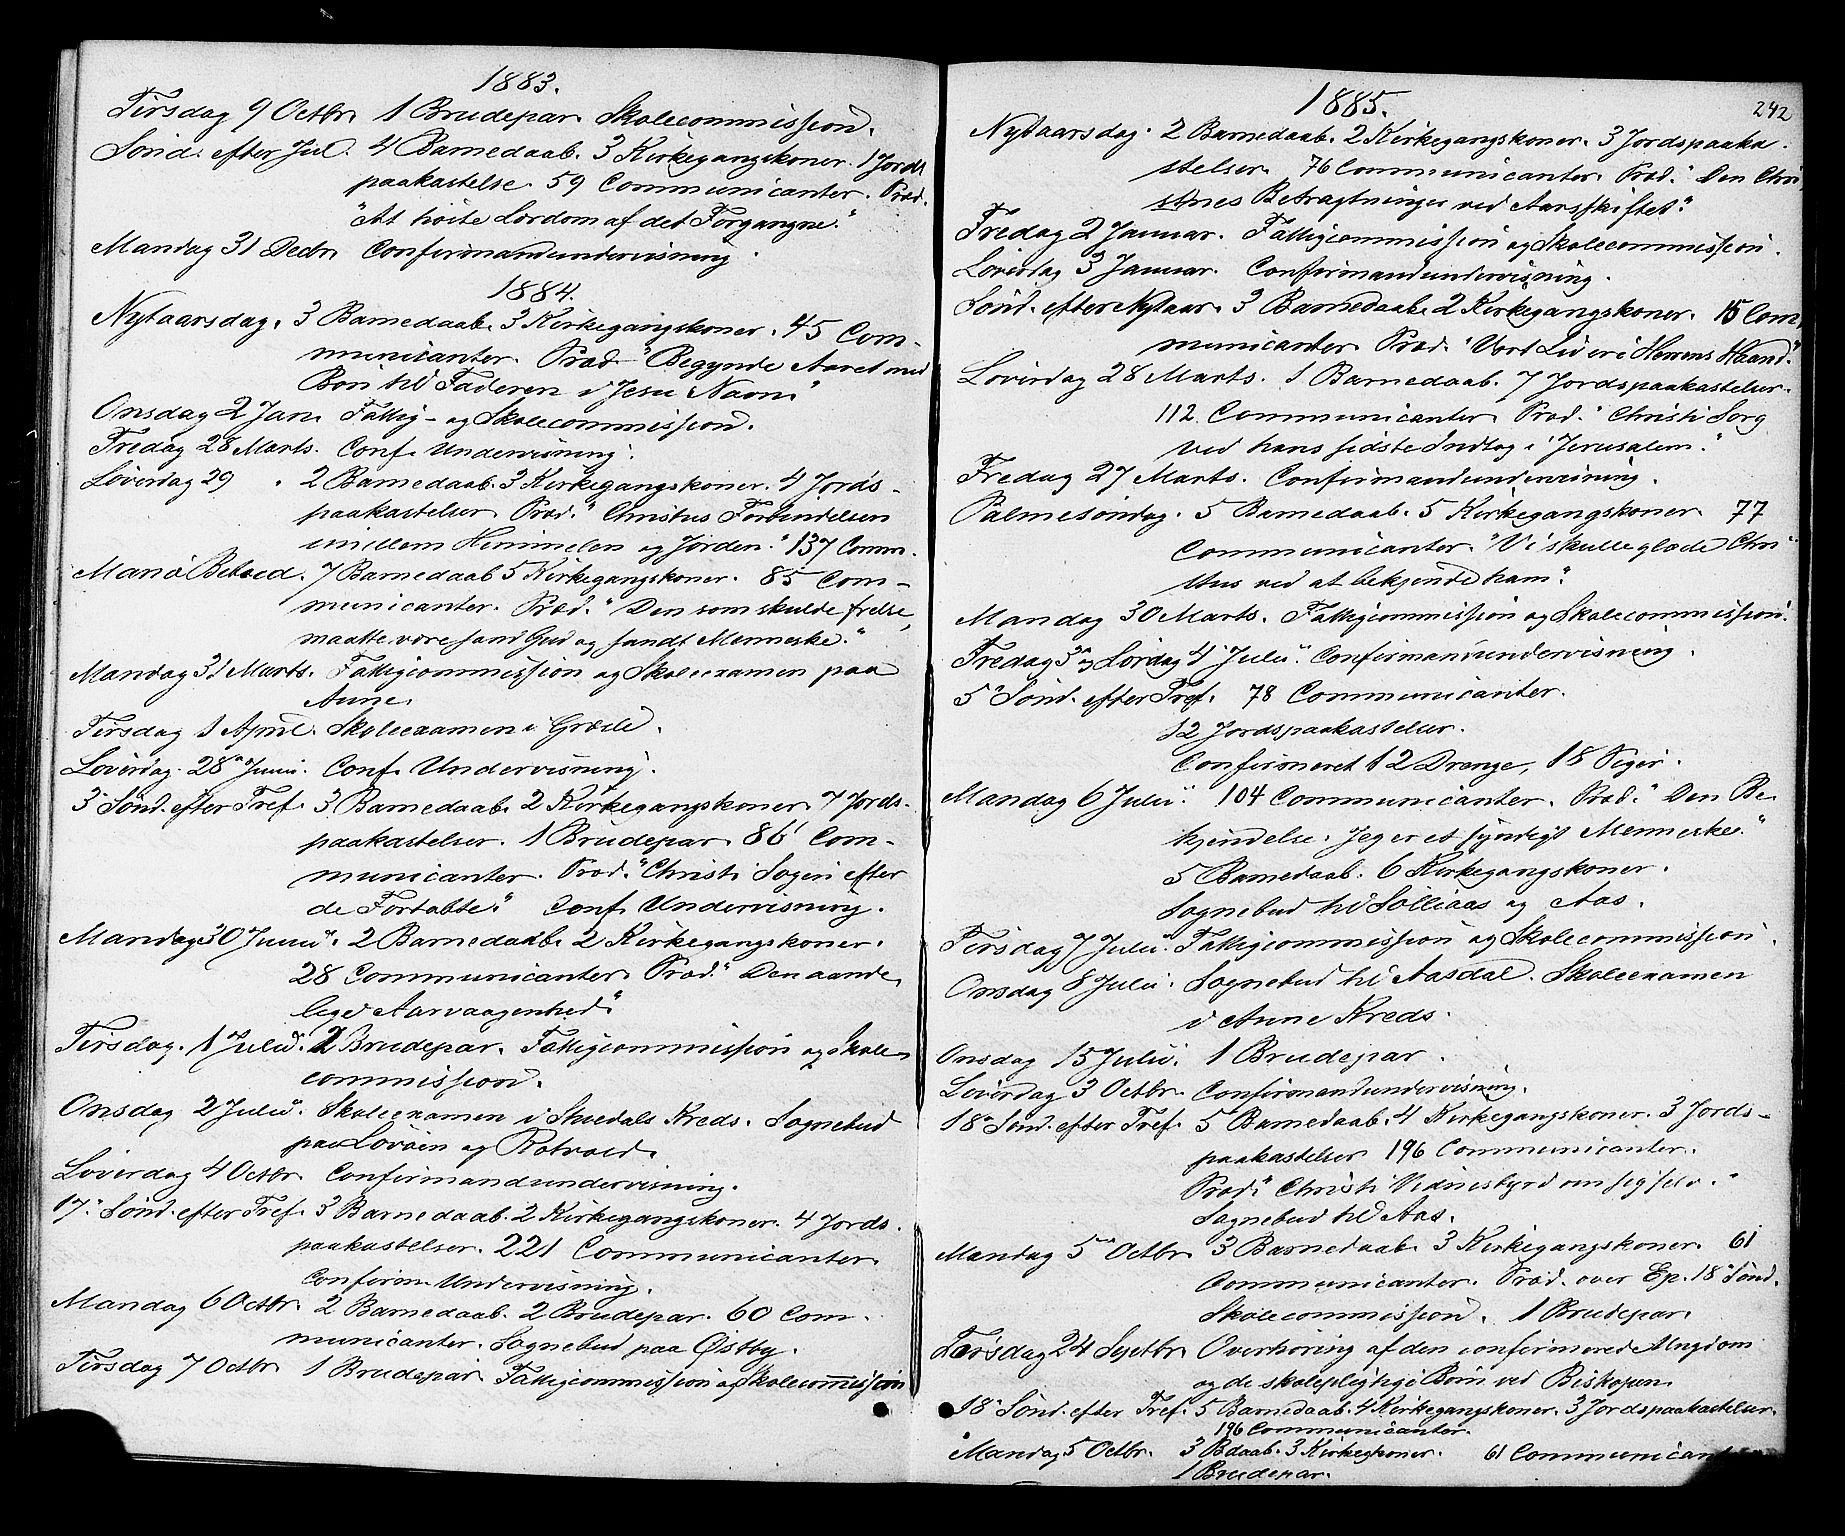 SAT, Ministerialprotokoller, klokkerbøker og fødselsregistre - Sør-Trøndelag, 698/L1163: Ministerialbok nr. 698A01, 1862-1887, s. 242